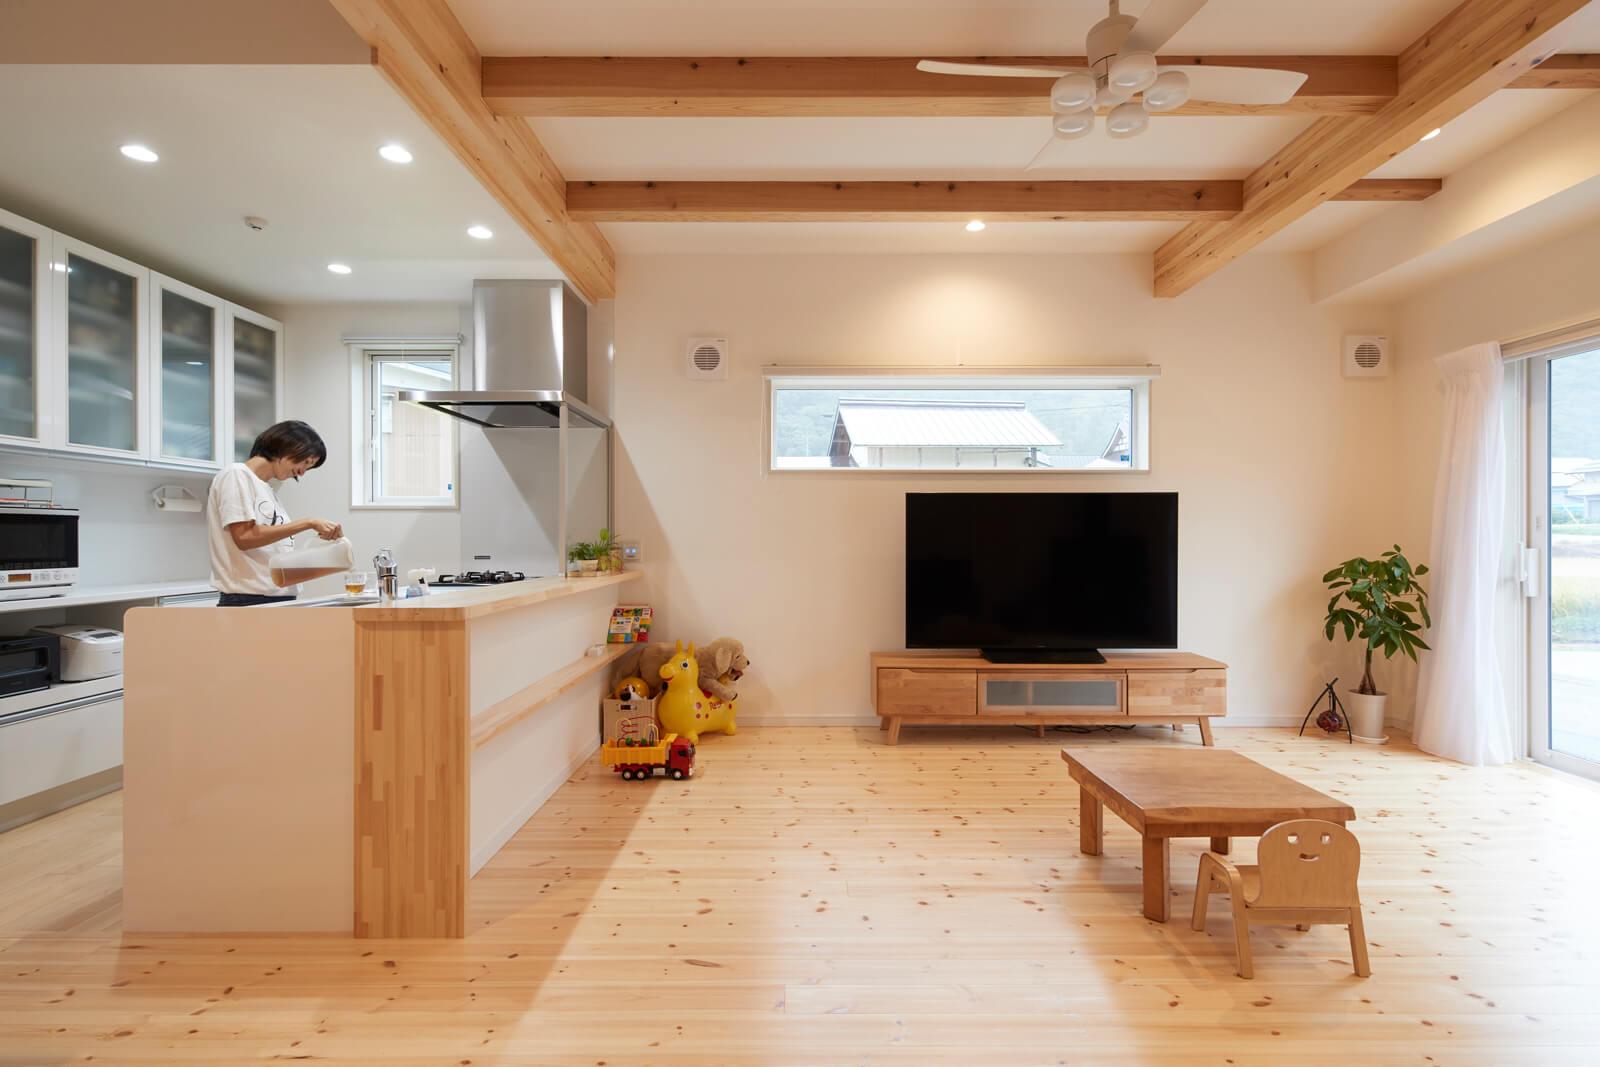 キッチン正面のメインの開口部はもちろん、リビング東側の横長の窓からも明るい光が射し込む